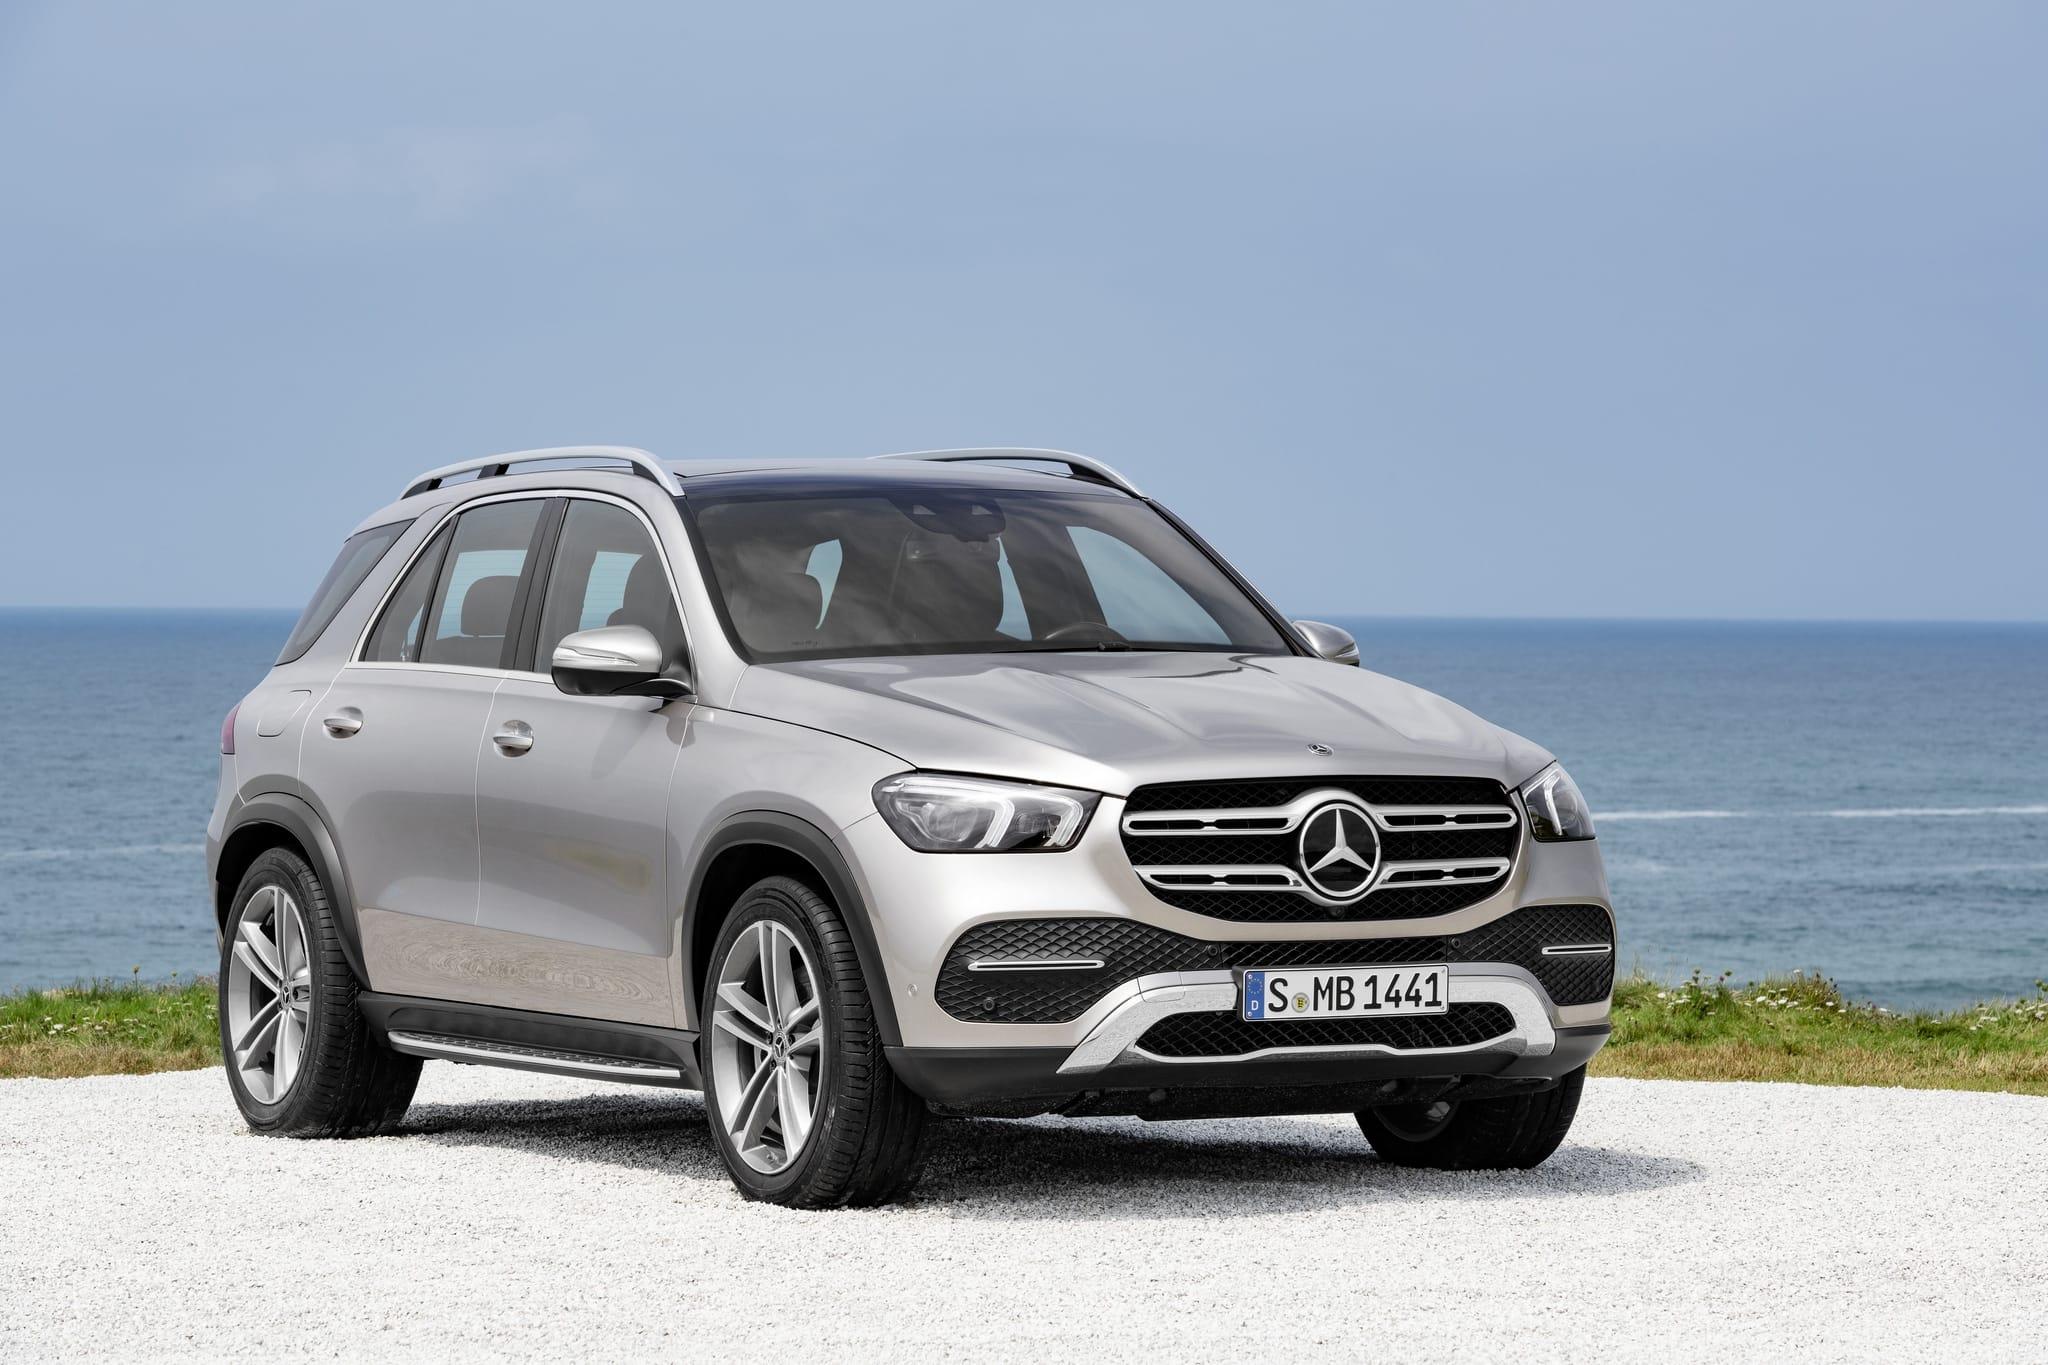 Новий Mercedes-Benz GLE 580 4MATIC підтверджений офіційно